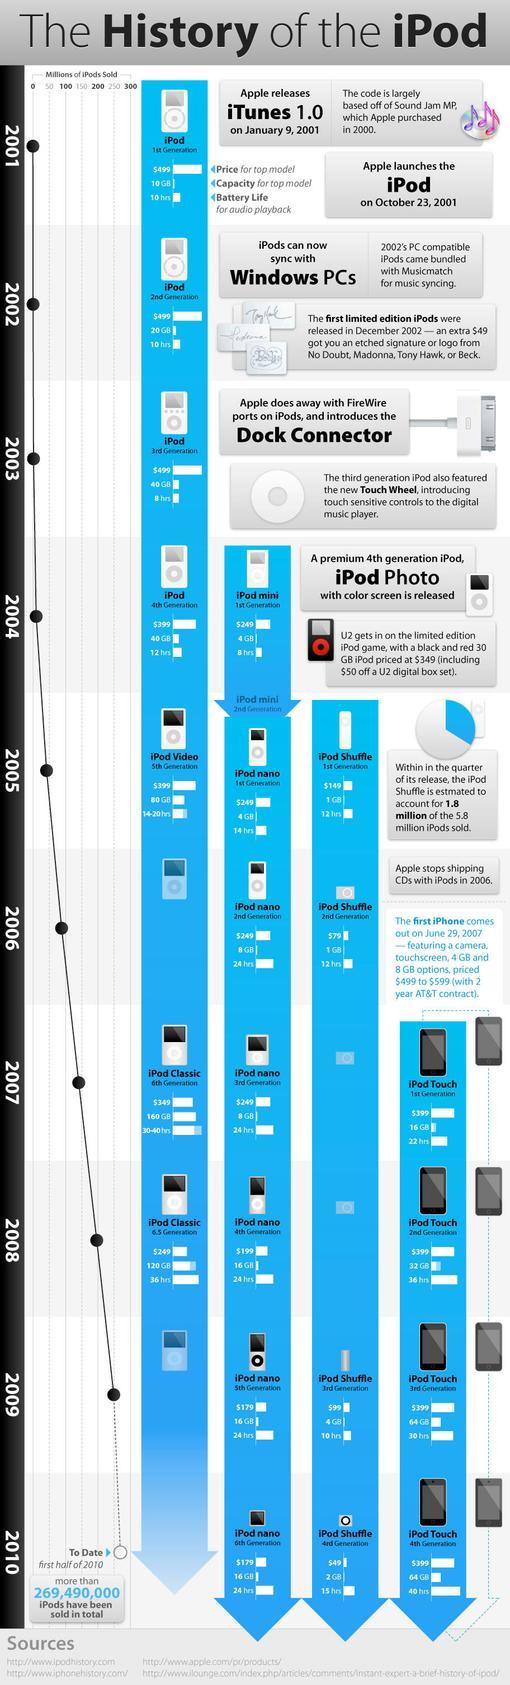 Чуть не забыл - сегодня, 23 октября, Стив Джобс вышел на сцену и представил самый первый iPod! Он перевернул всю муз ... - Изображение 2